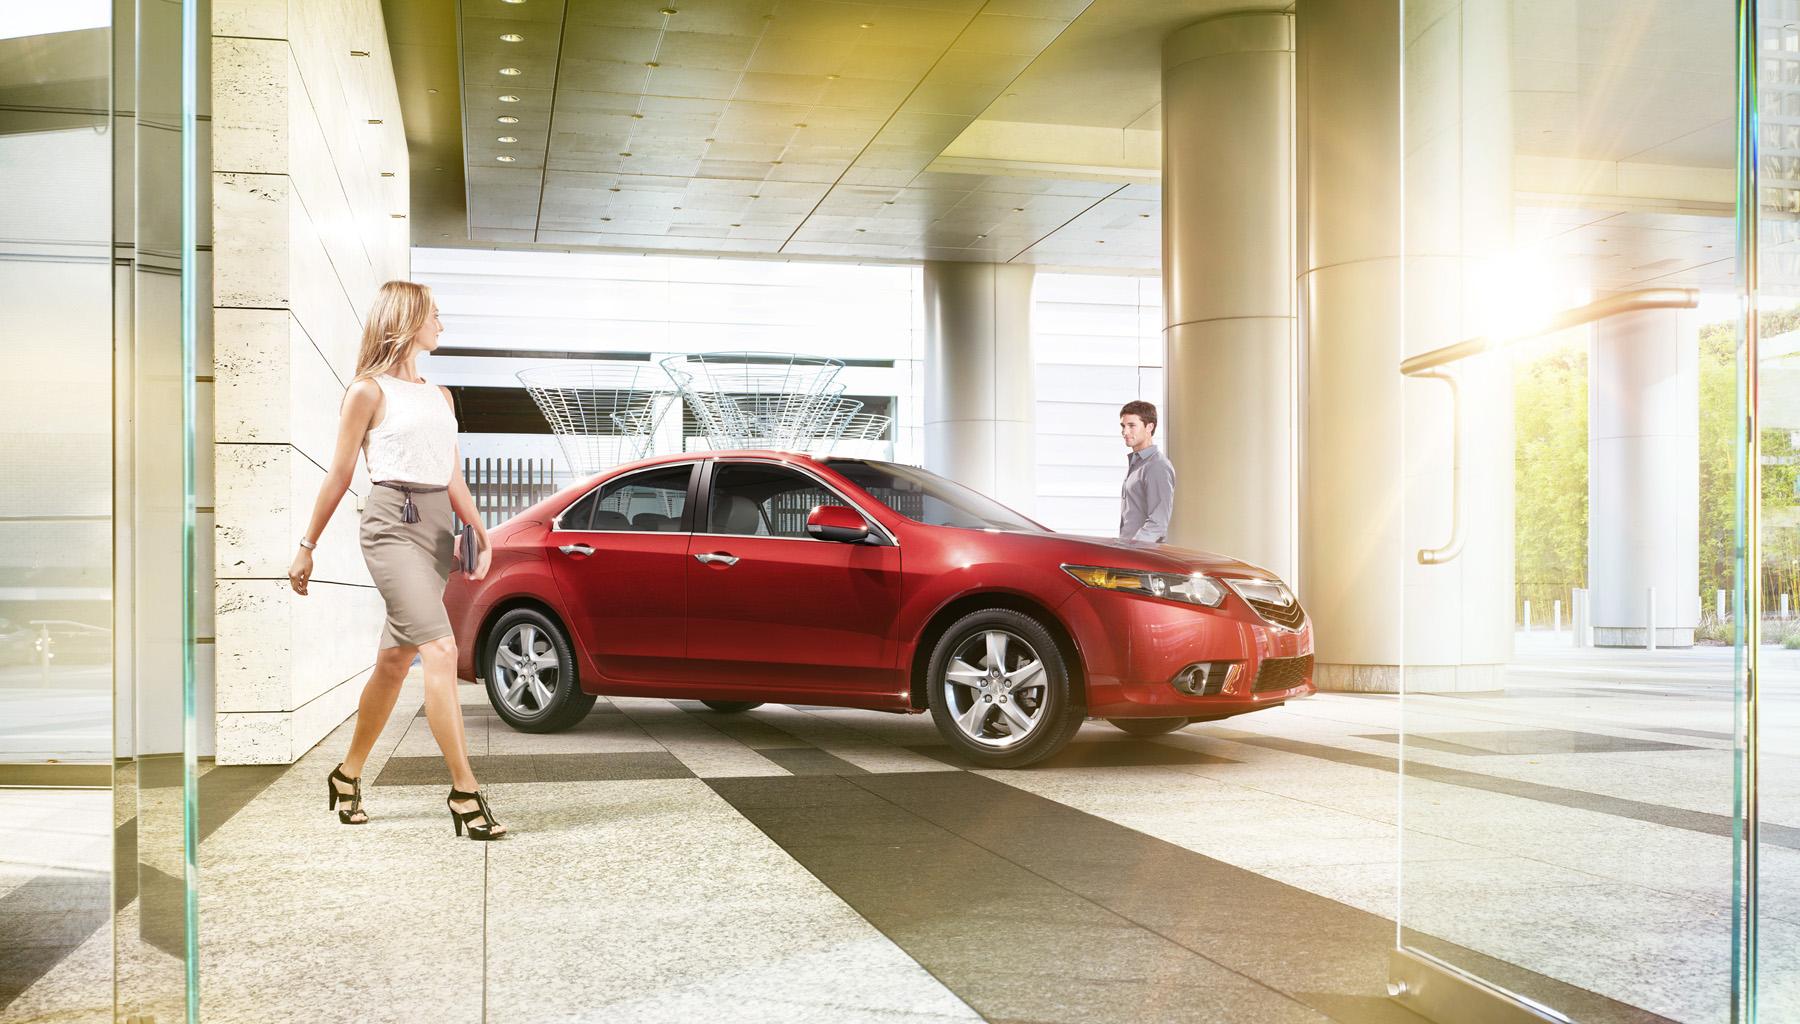 Acura_2011_TLX_Lobby.jpg